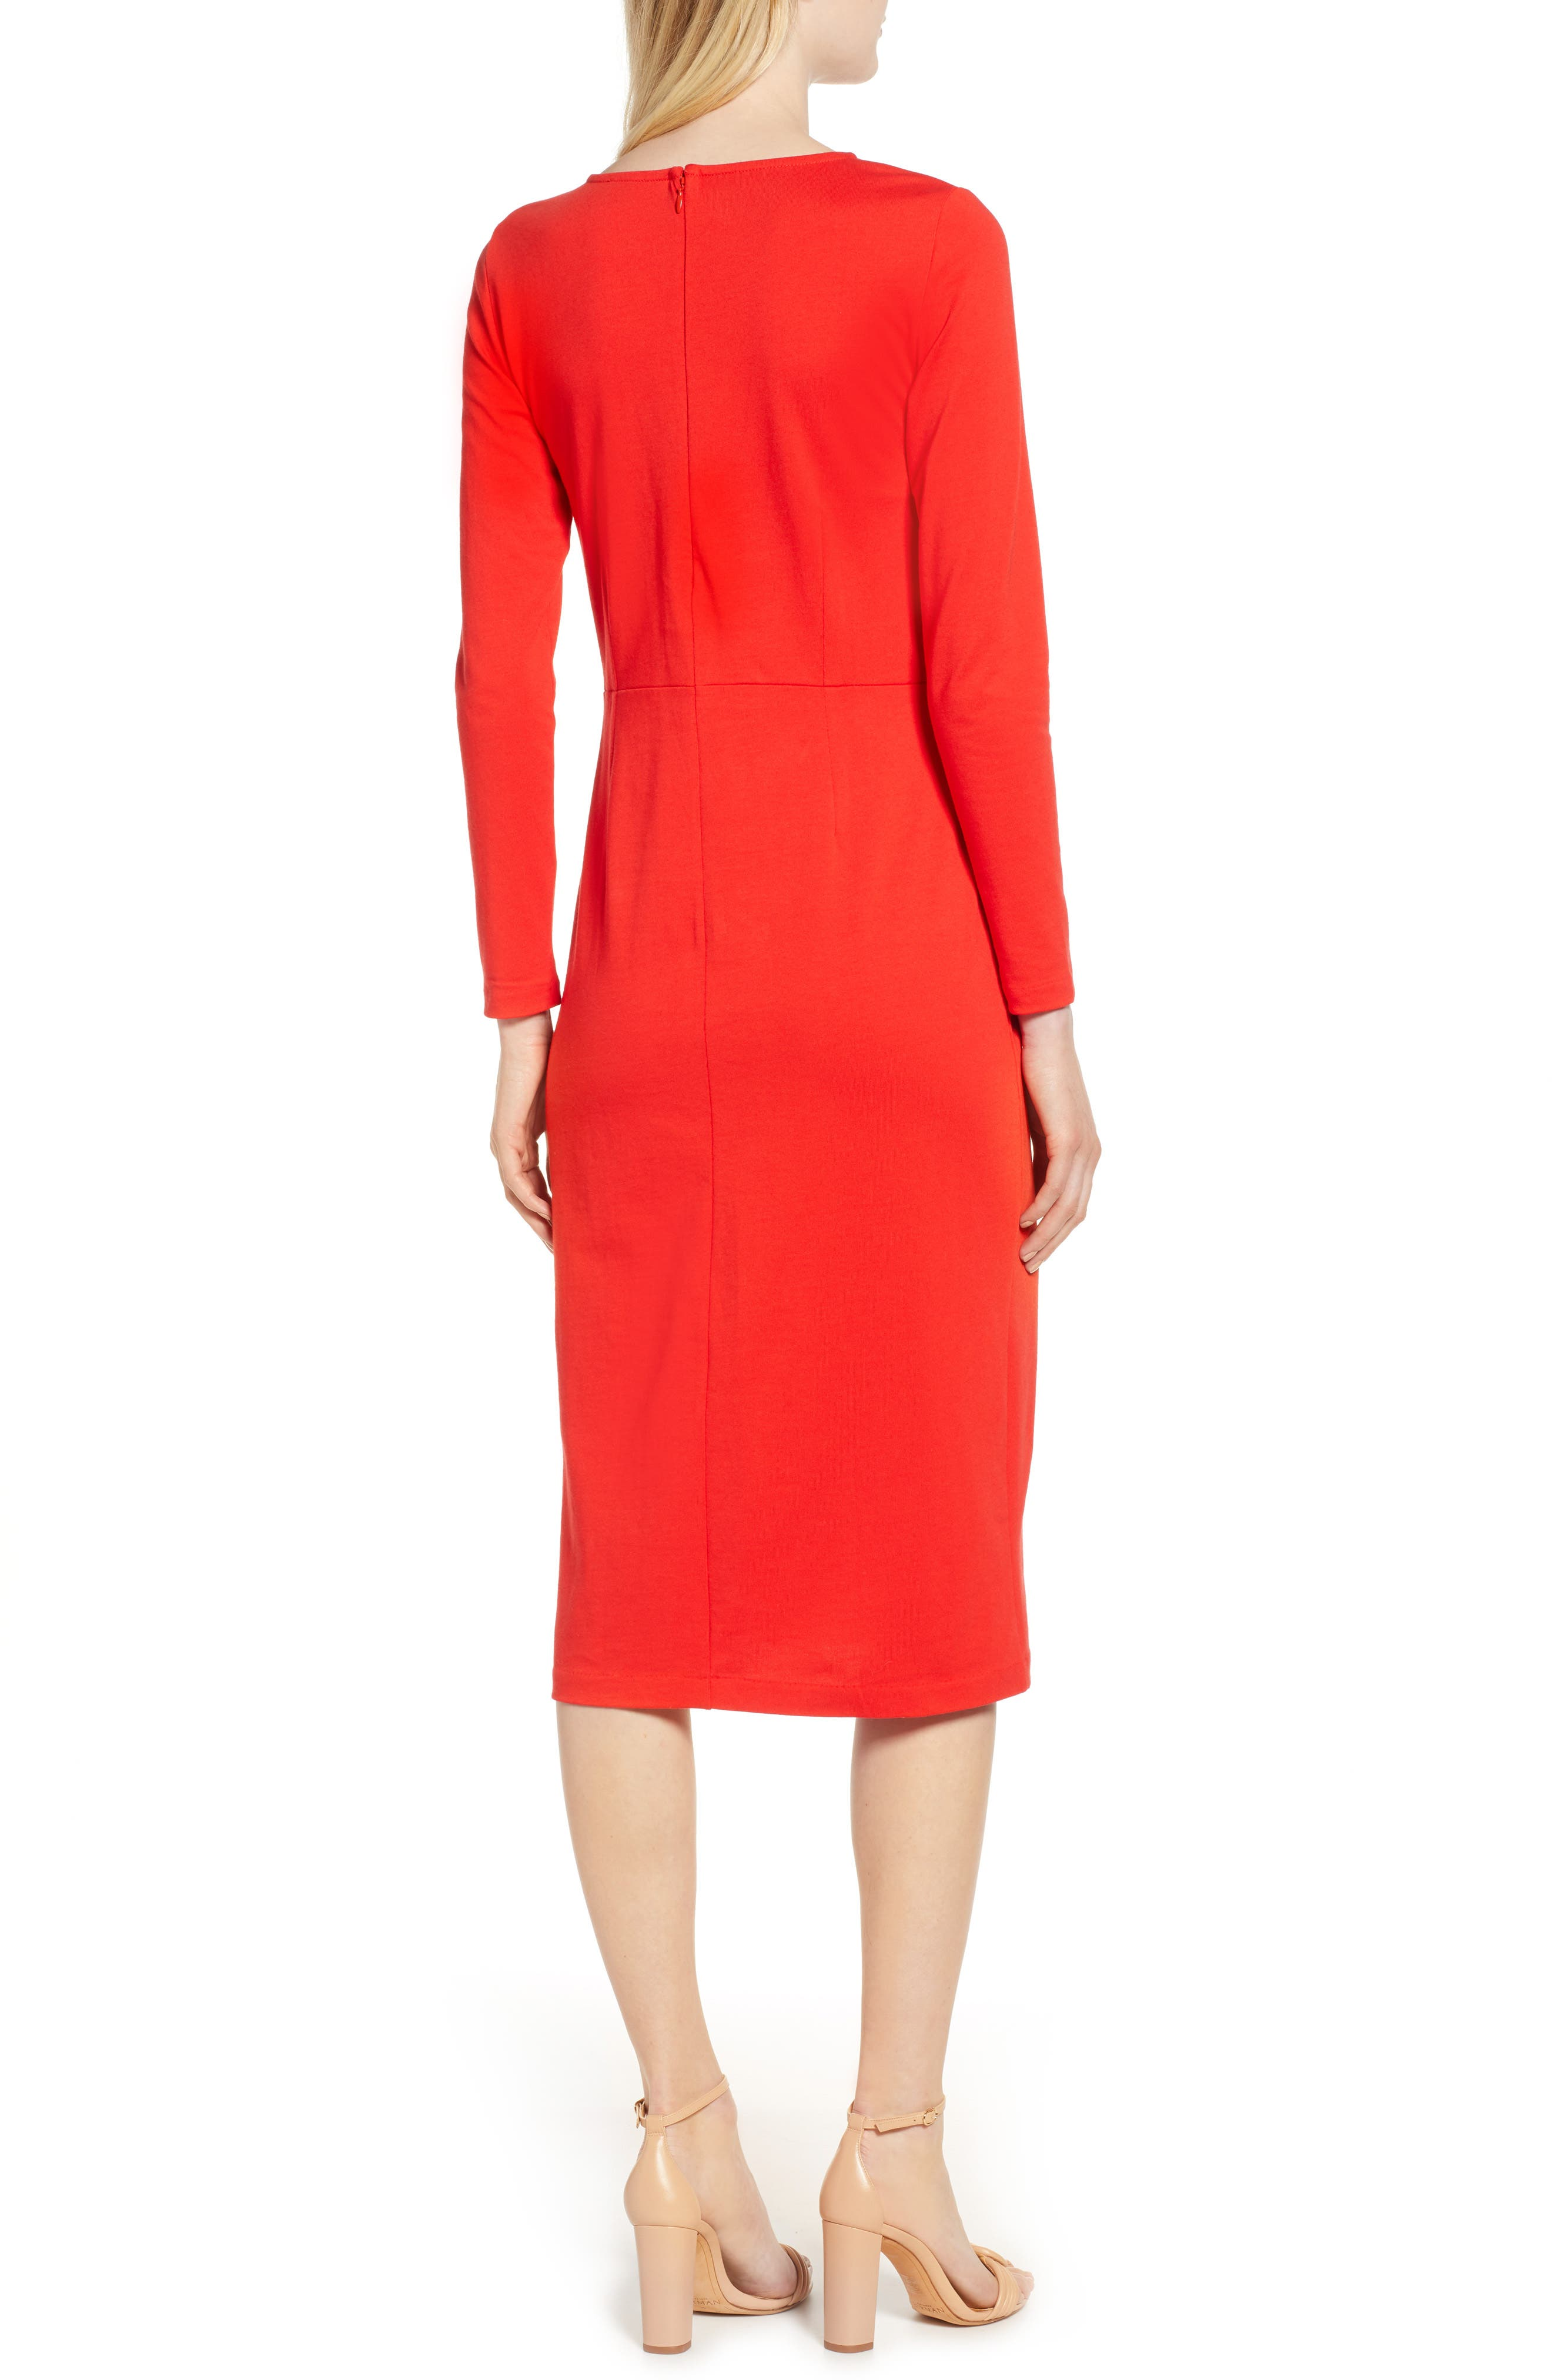 J.CREW, Knit Sheath Dress, Alternate thumbnail 4, color, BRIGHT CERISE